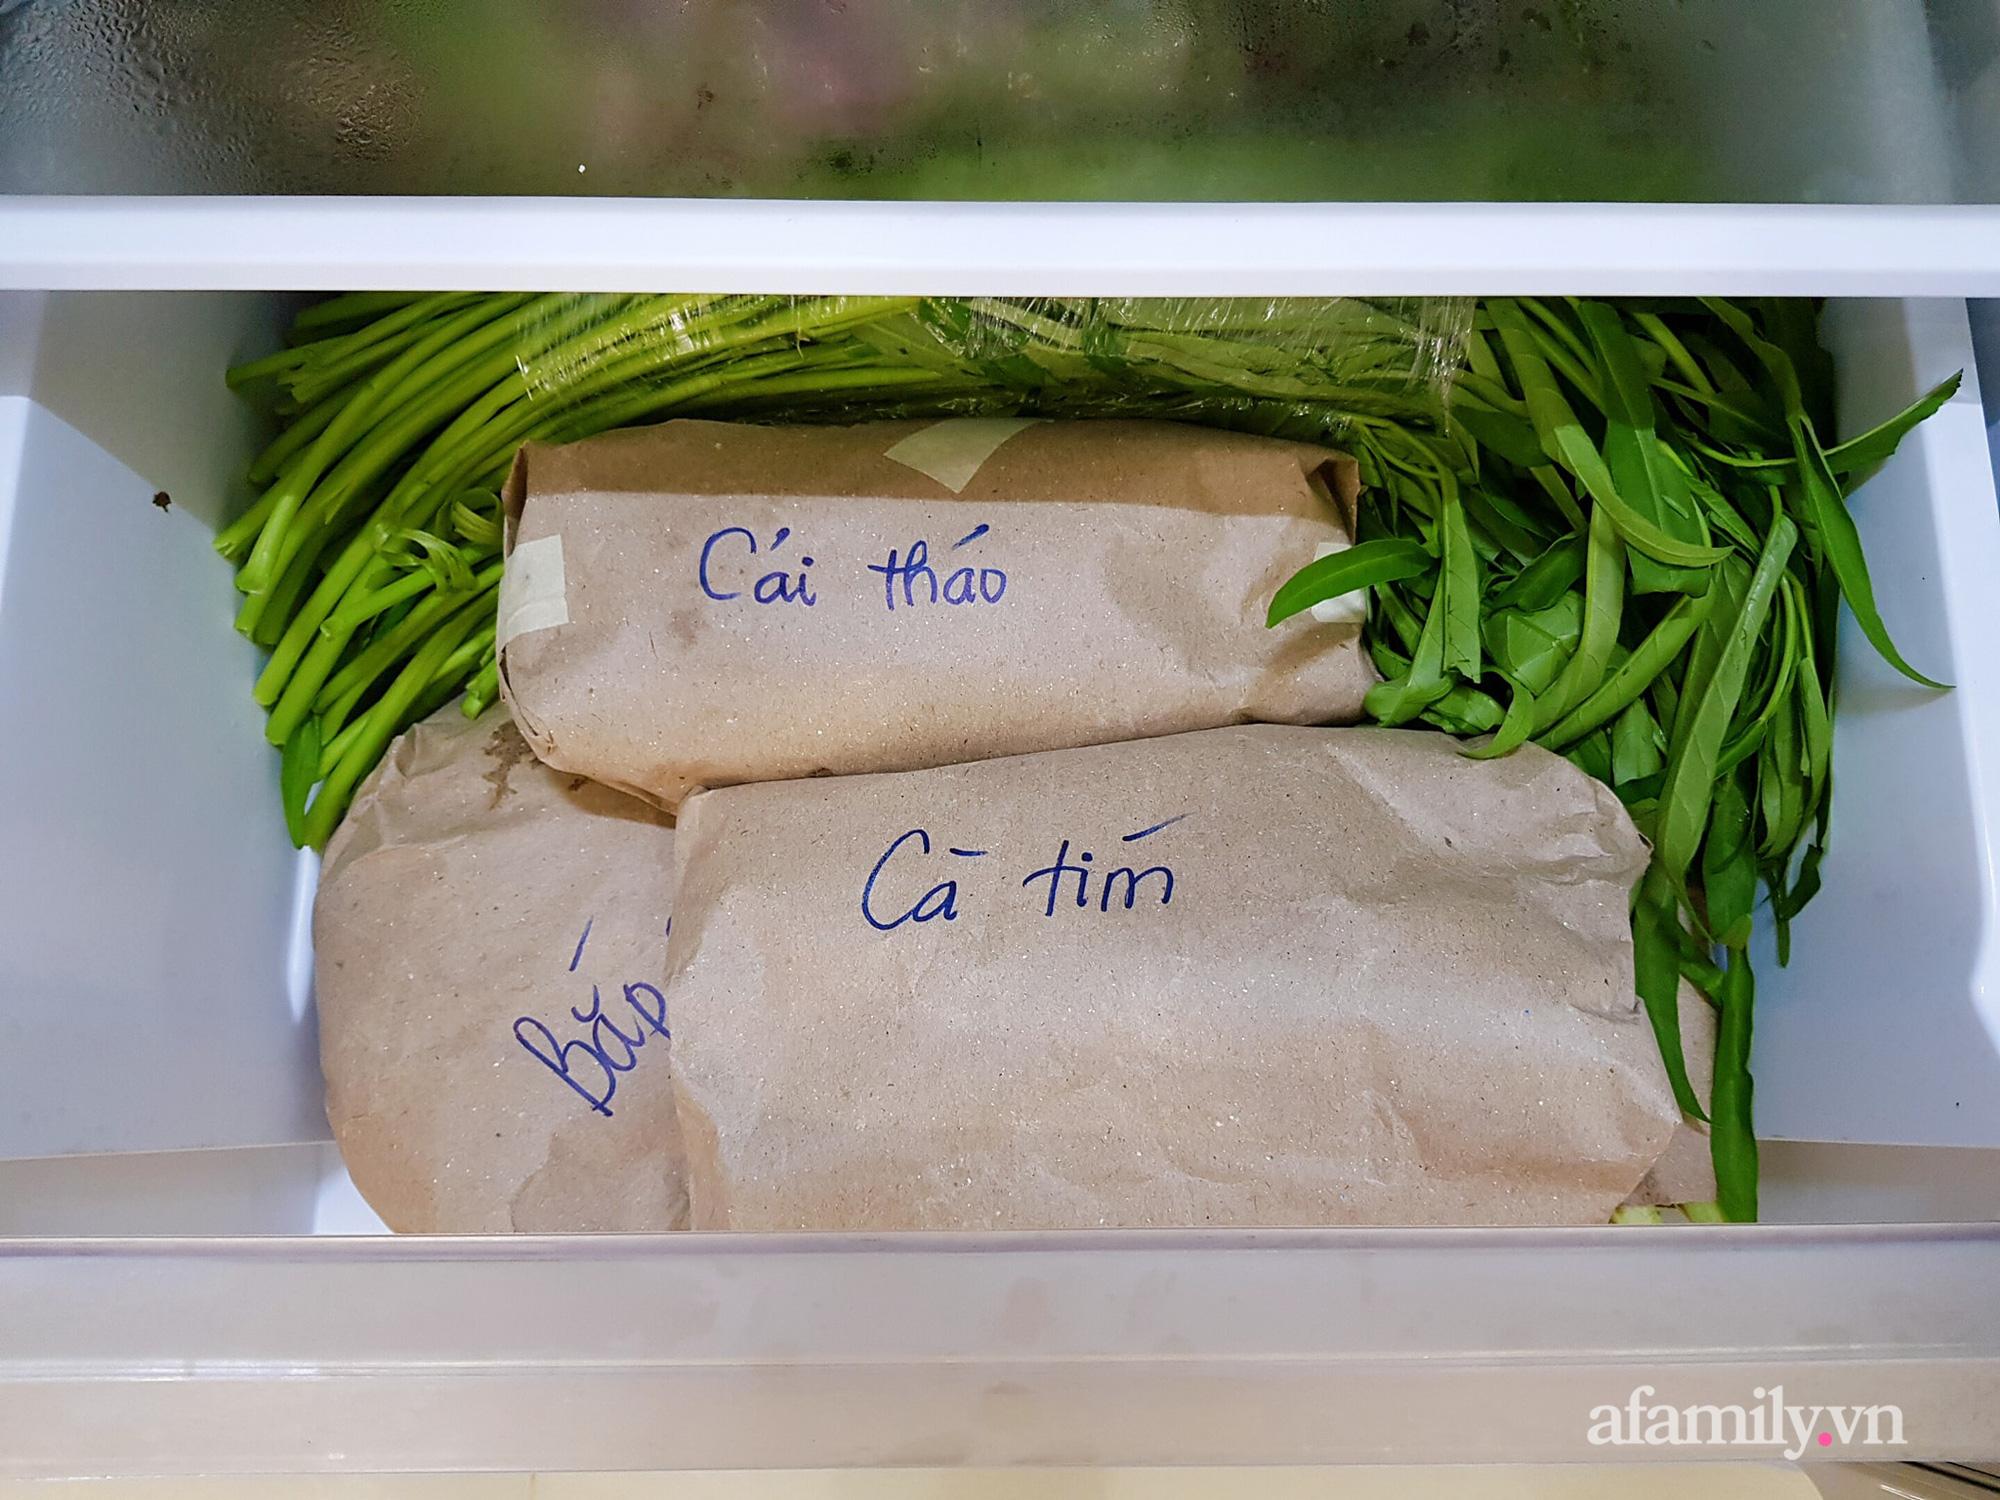 Mẹo trữ thực phẩm từ A đến Z tươi ngon, tiết kiệm chi phí của nữ giáo viên ở Đồng Nai - Ảnh 11.